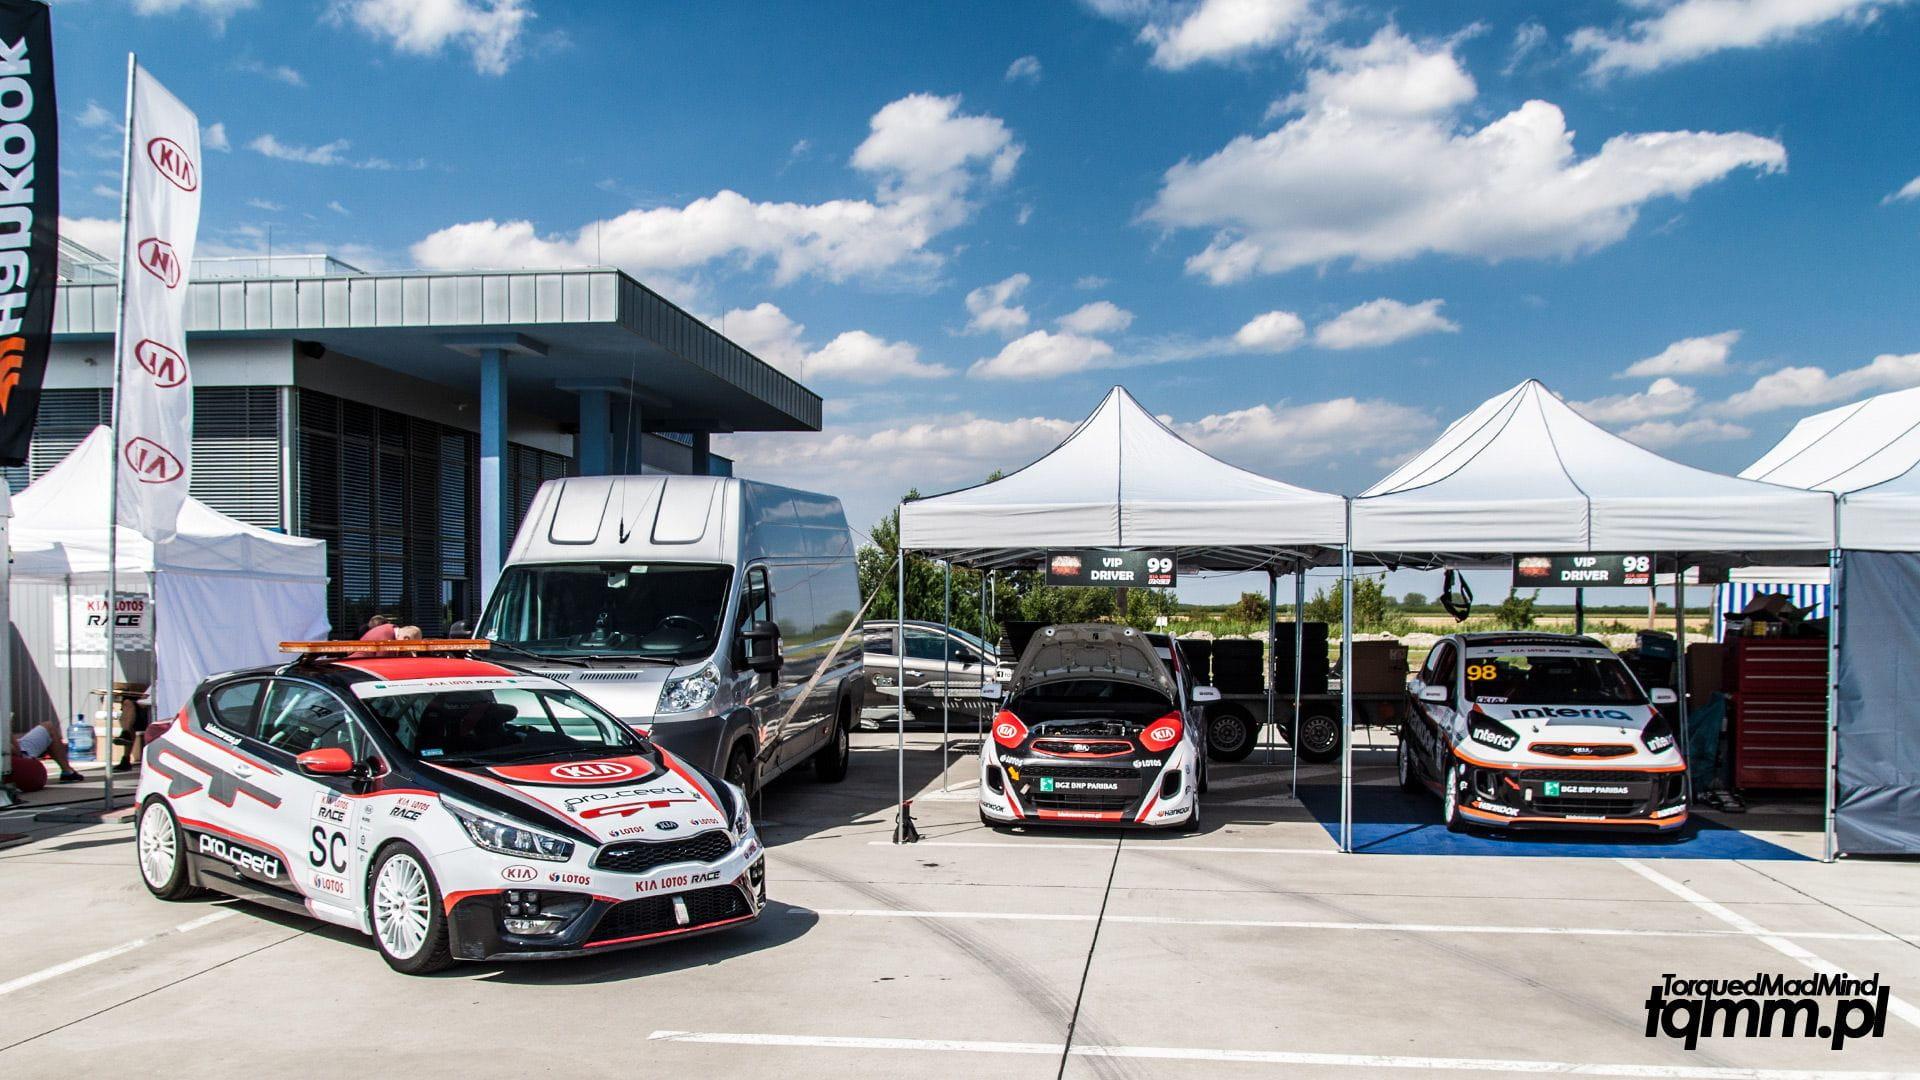 Fotki #92: Kia Lotos Race 2017 Slovakia Ring